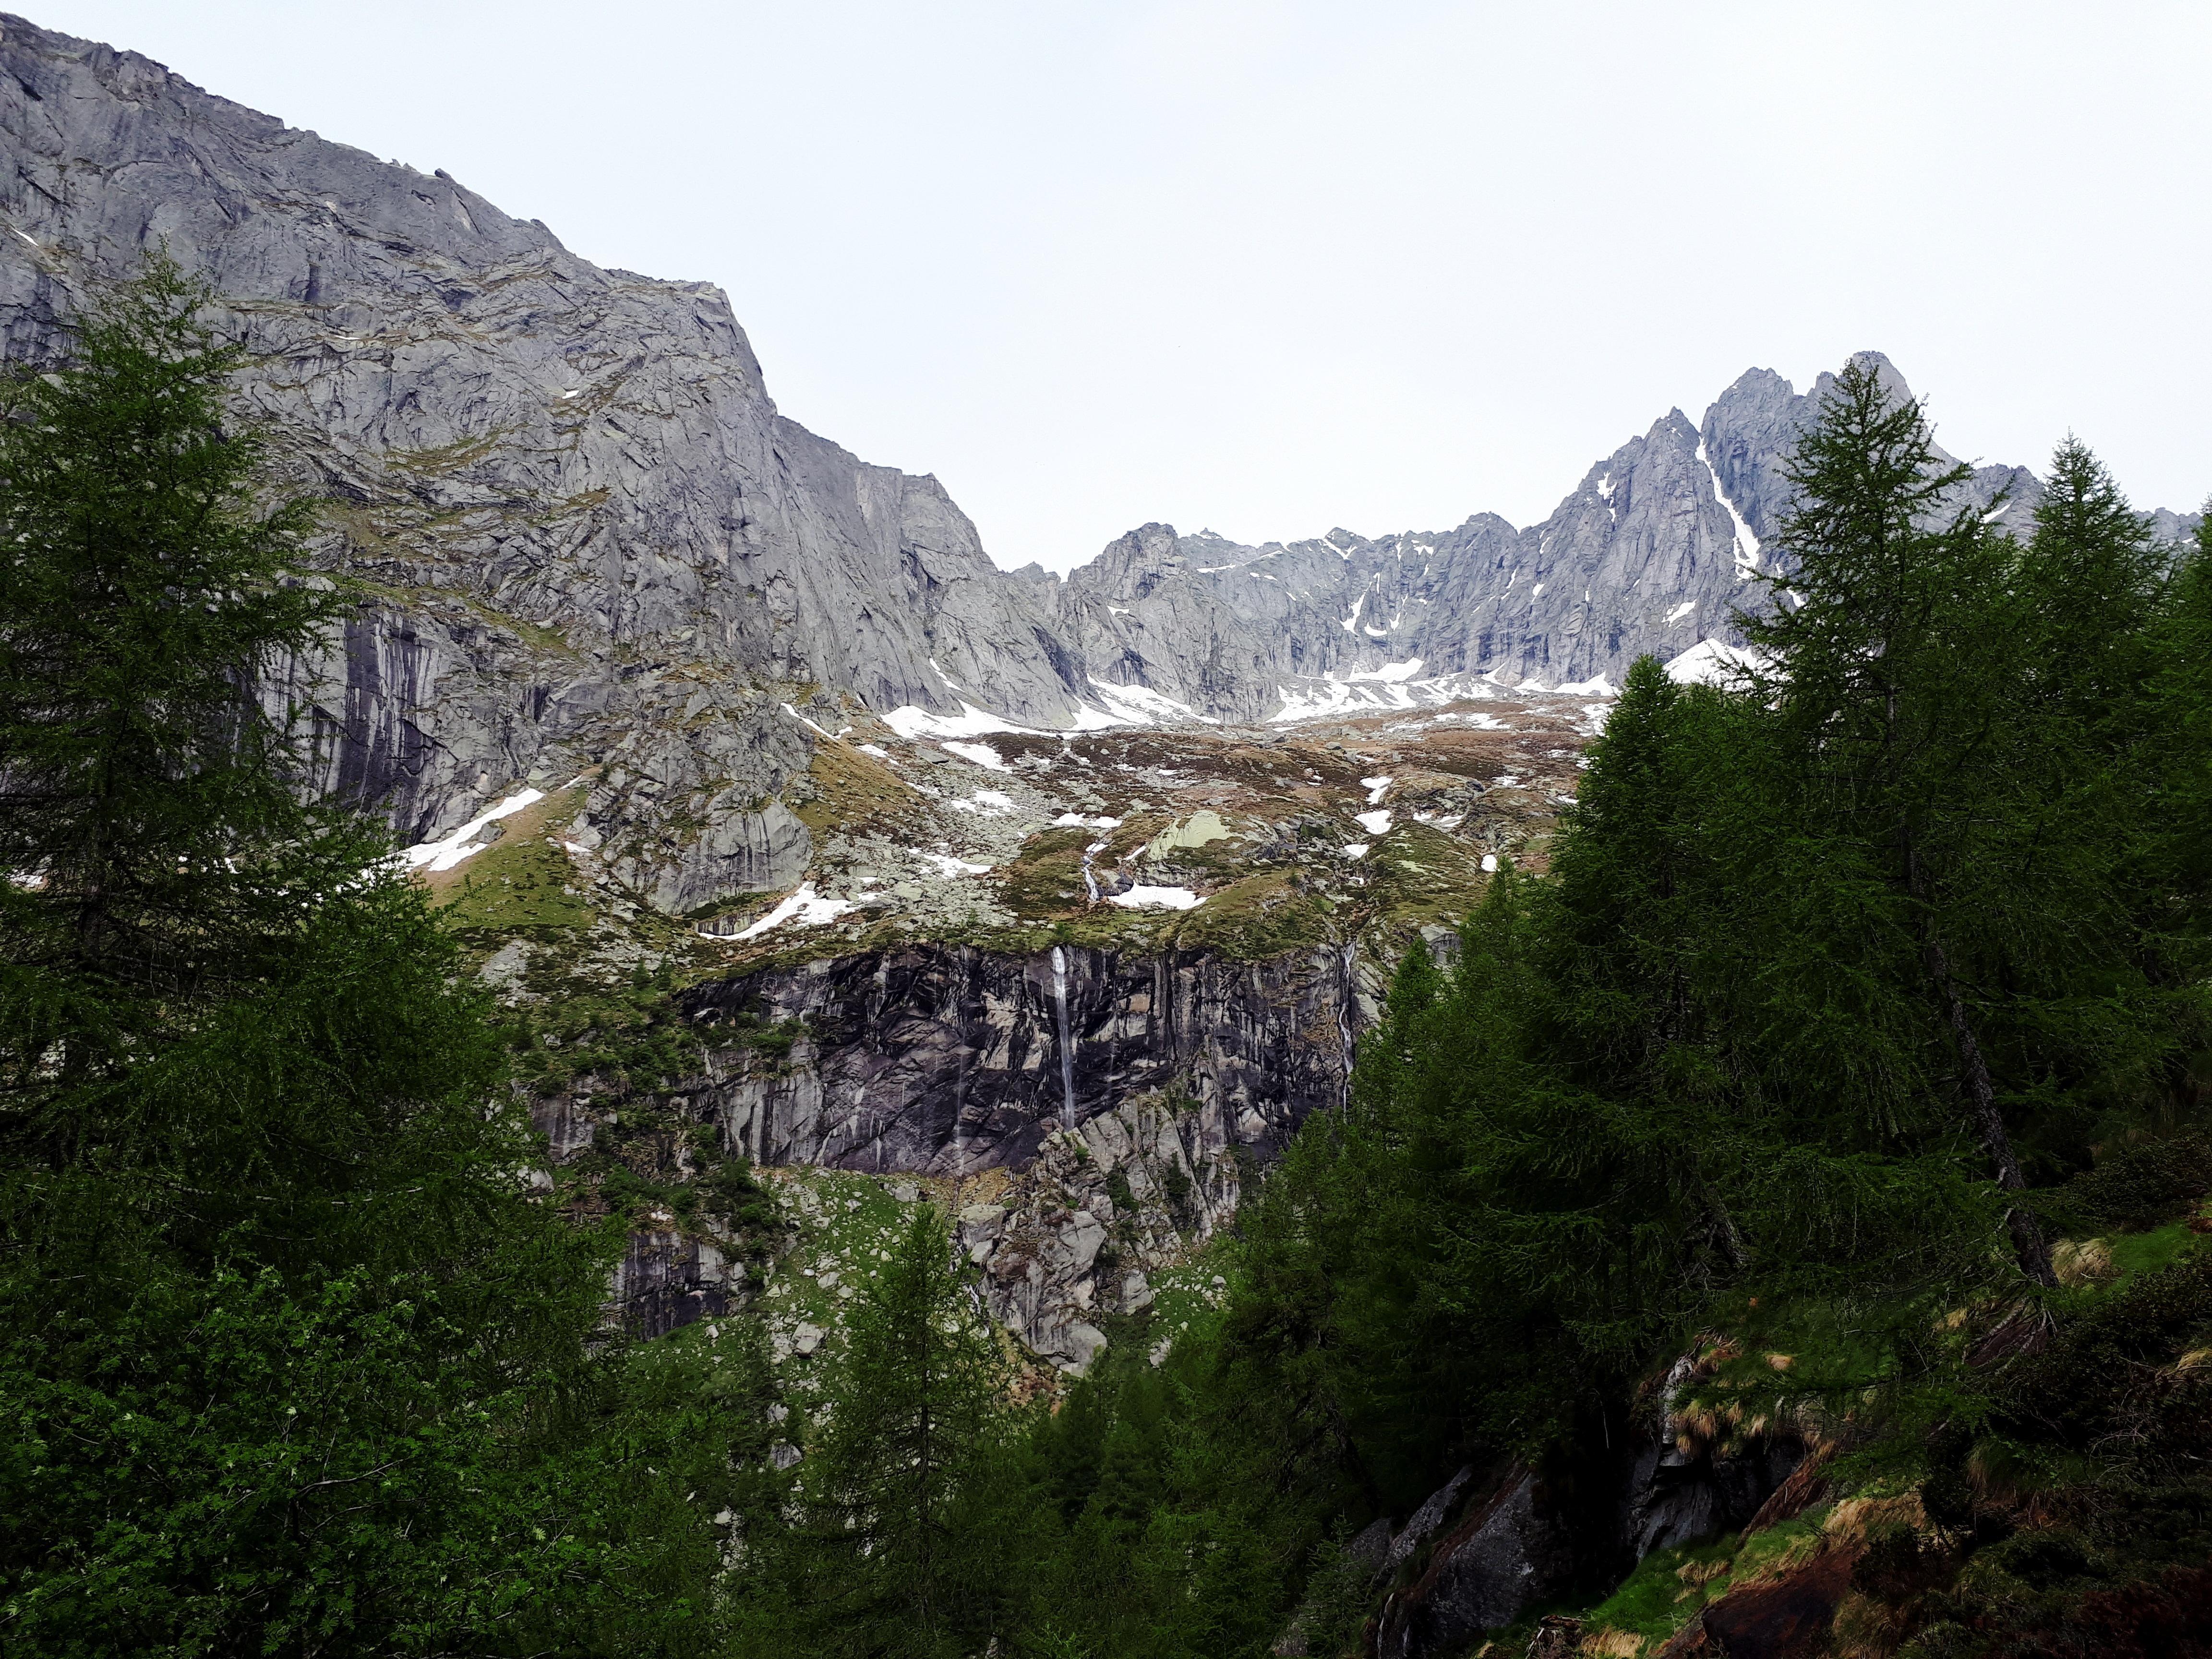 il bosco comincia a diradarsi, offrendoci degli scorci suggestivi del salto roccioso che dovremo superare